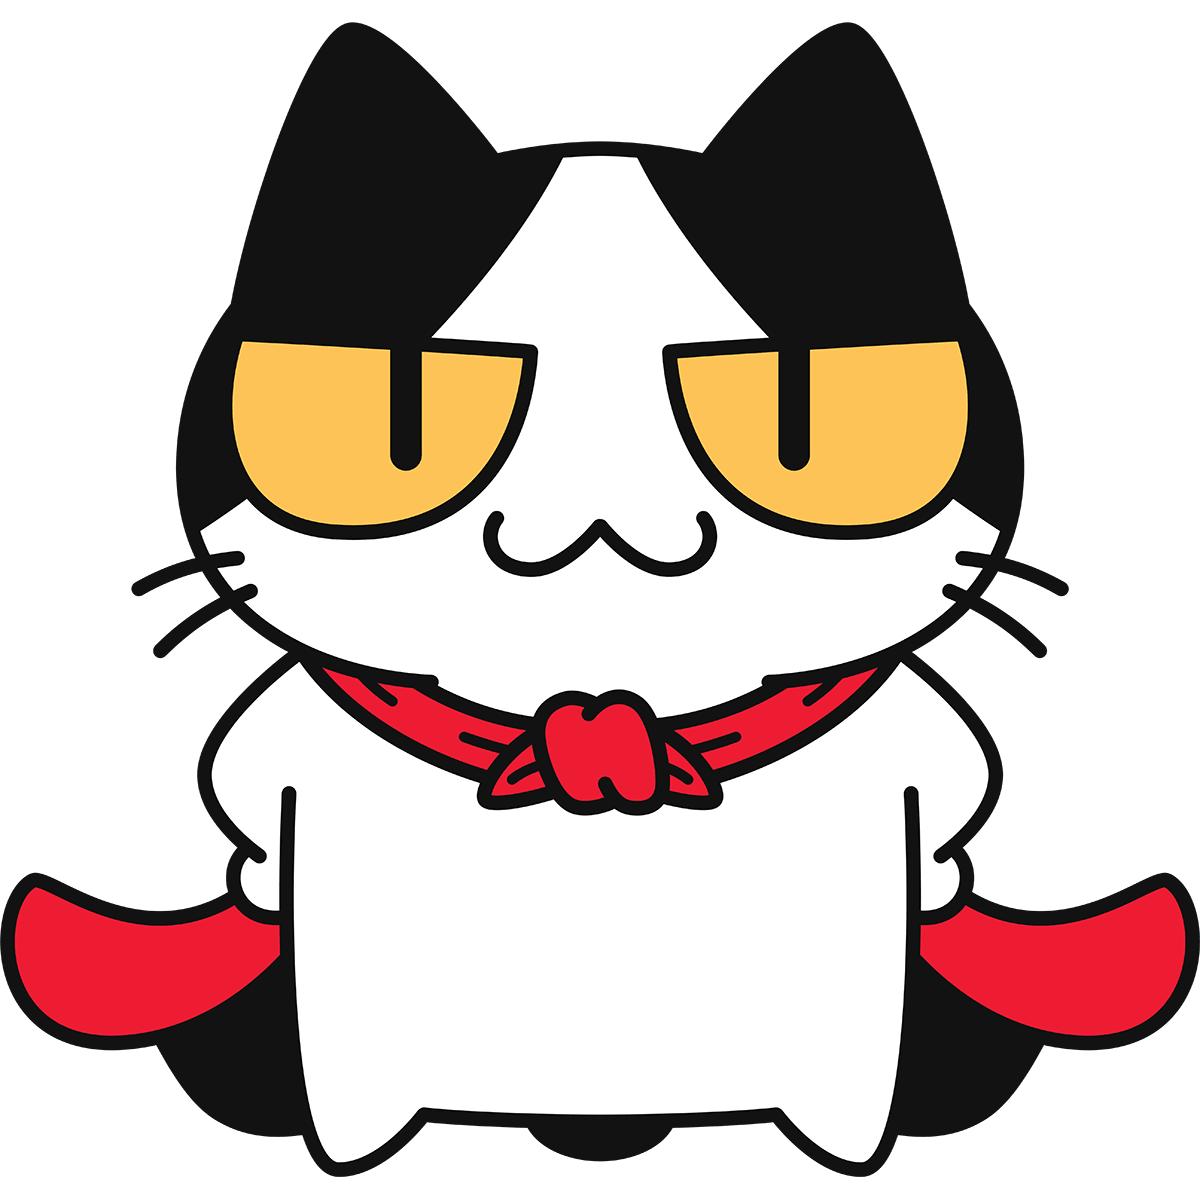 マントをする猫の無料イラスト